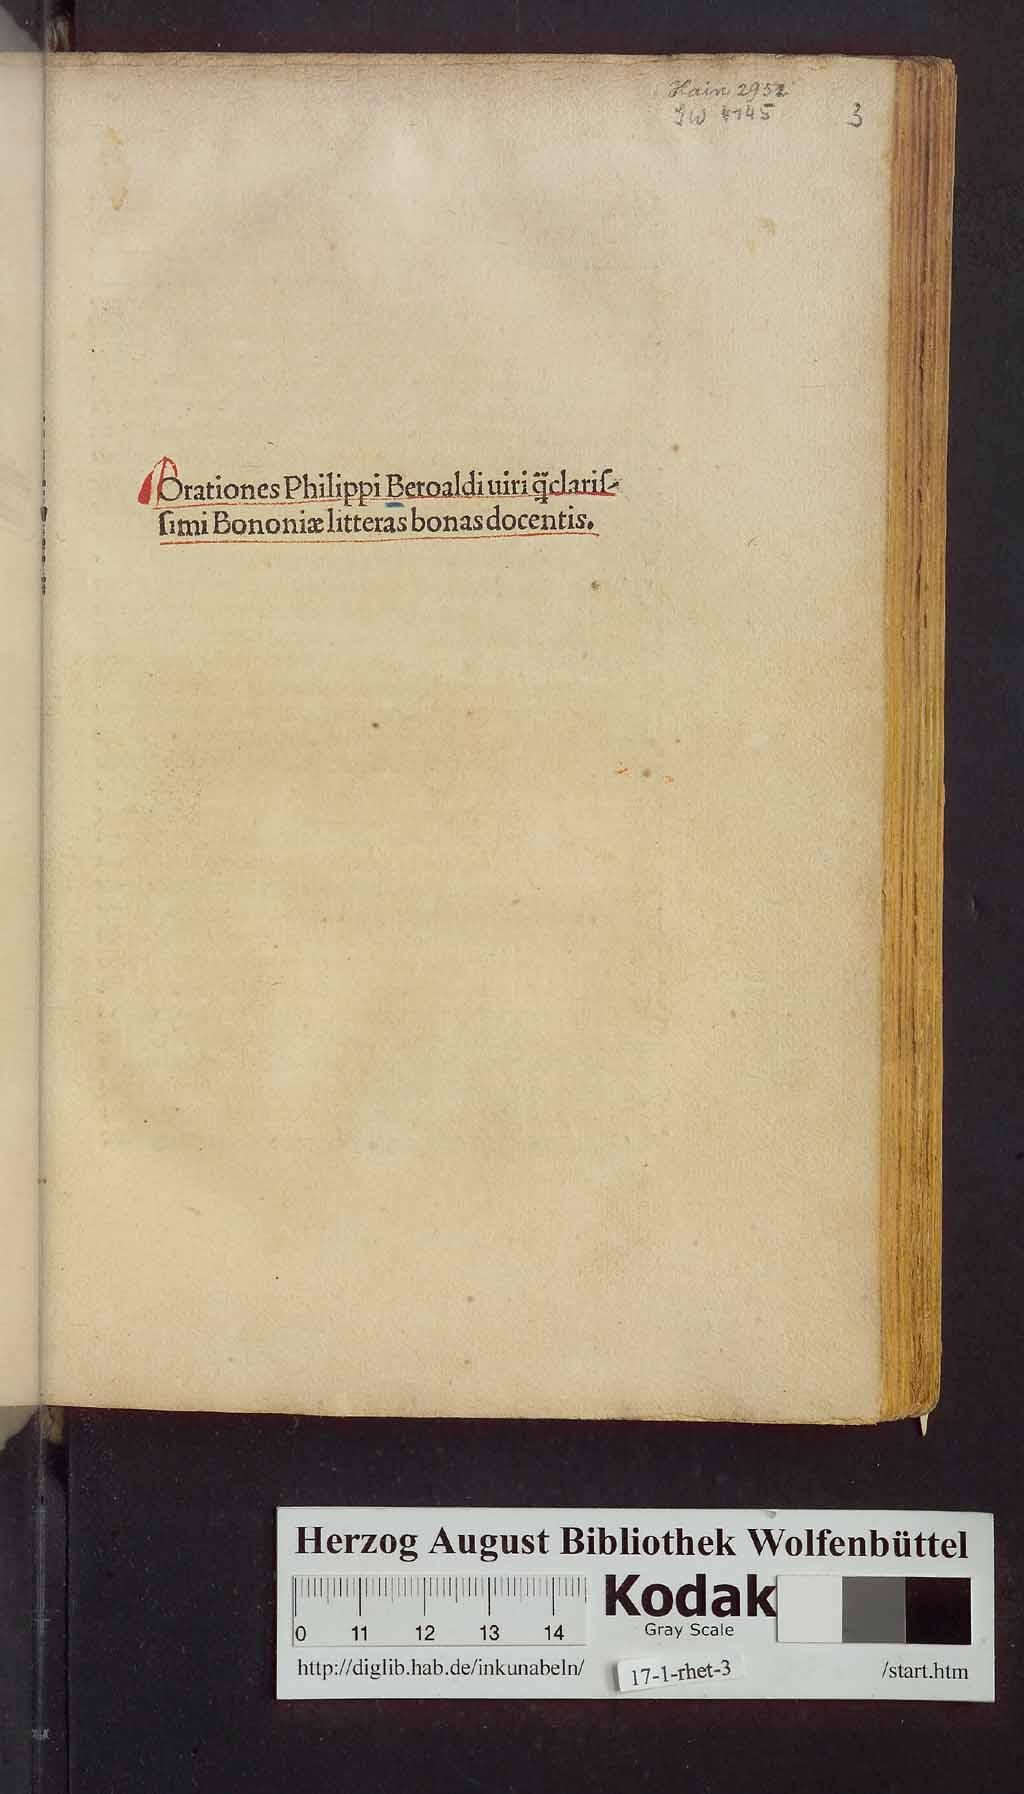 http://diglib.hab.de/inkunabeln/17-1-rhet-3/00001.jpg